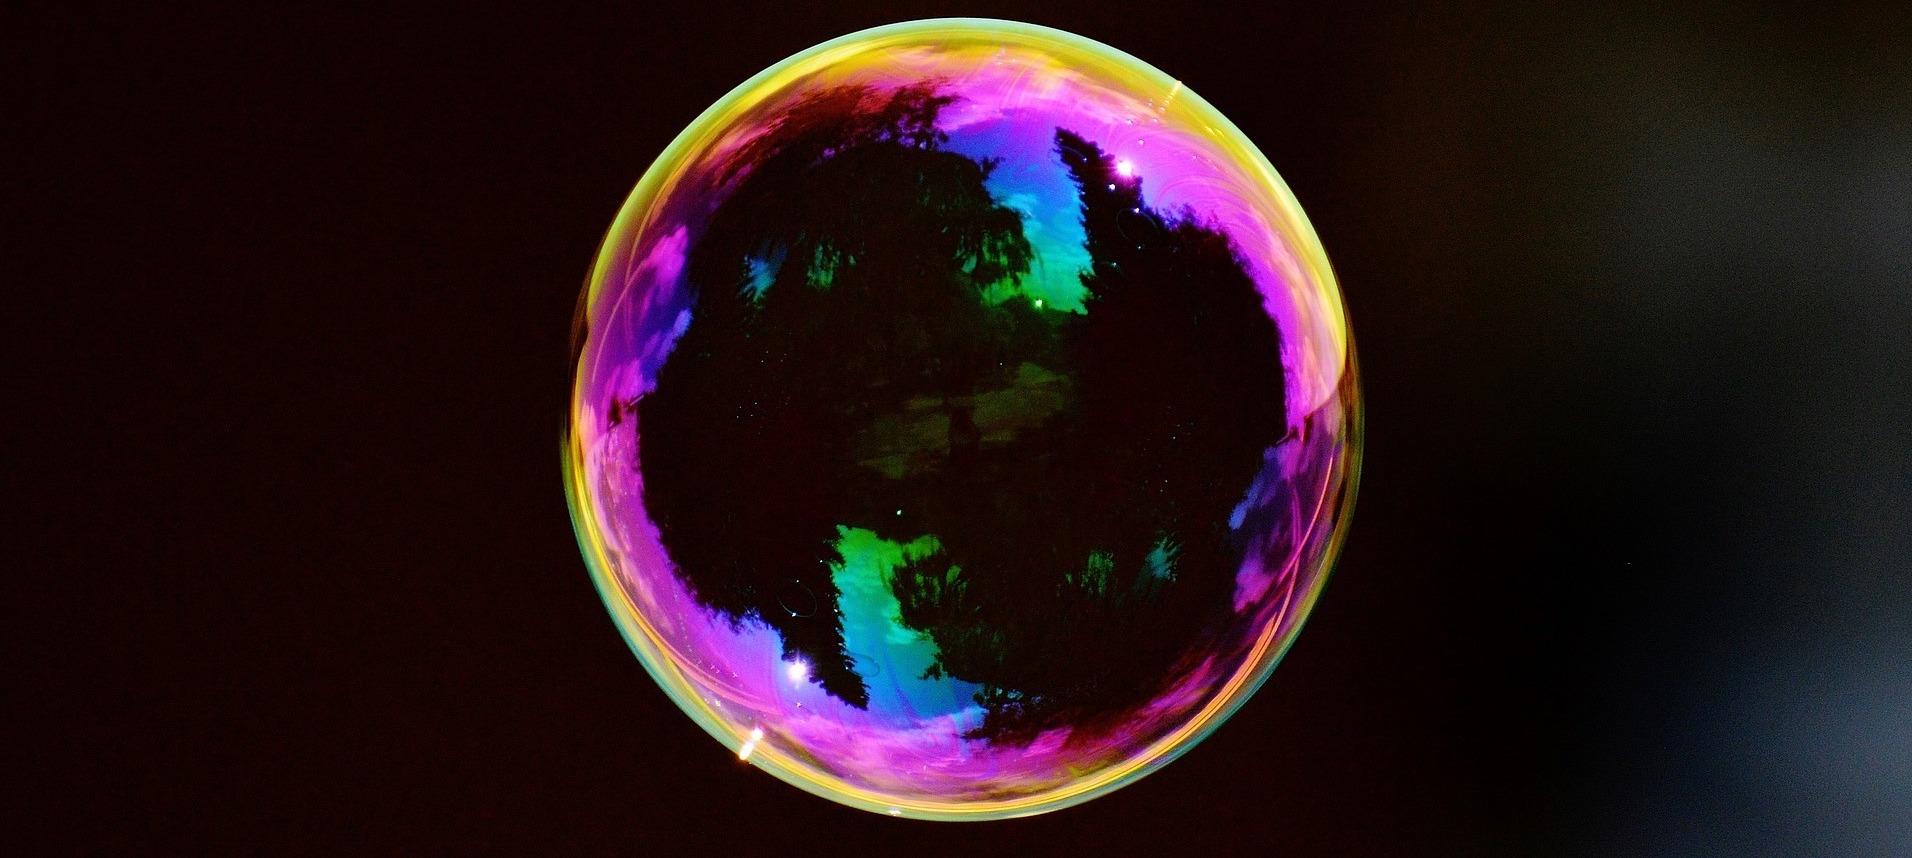 keskenyke-soap-bubble-824558_1920 keskenyke